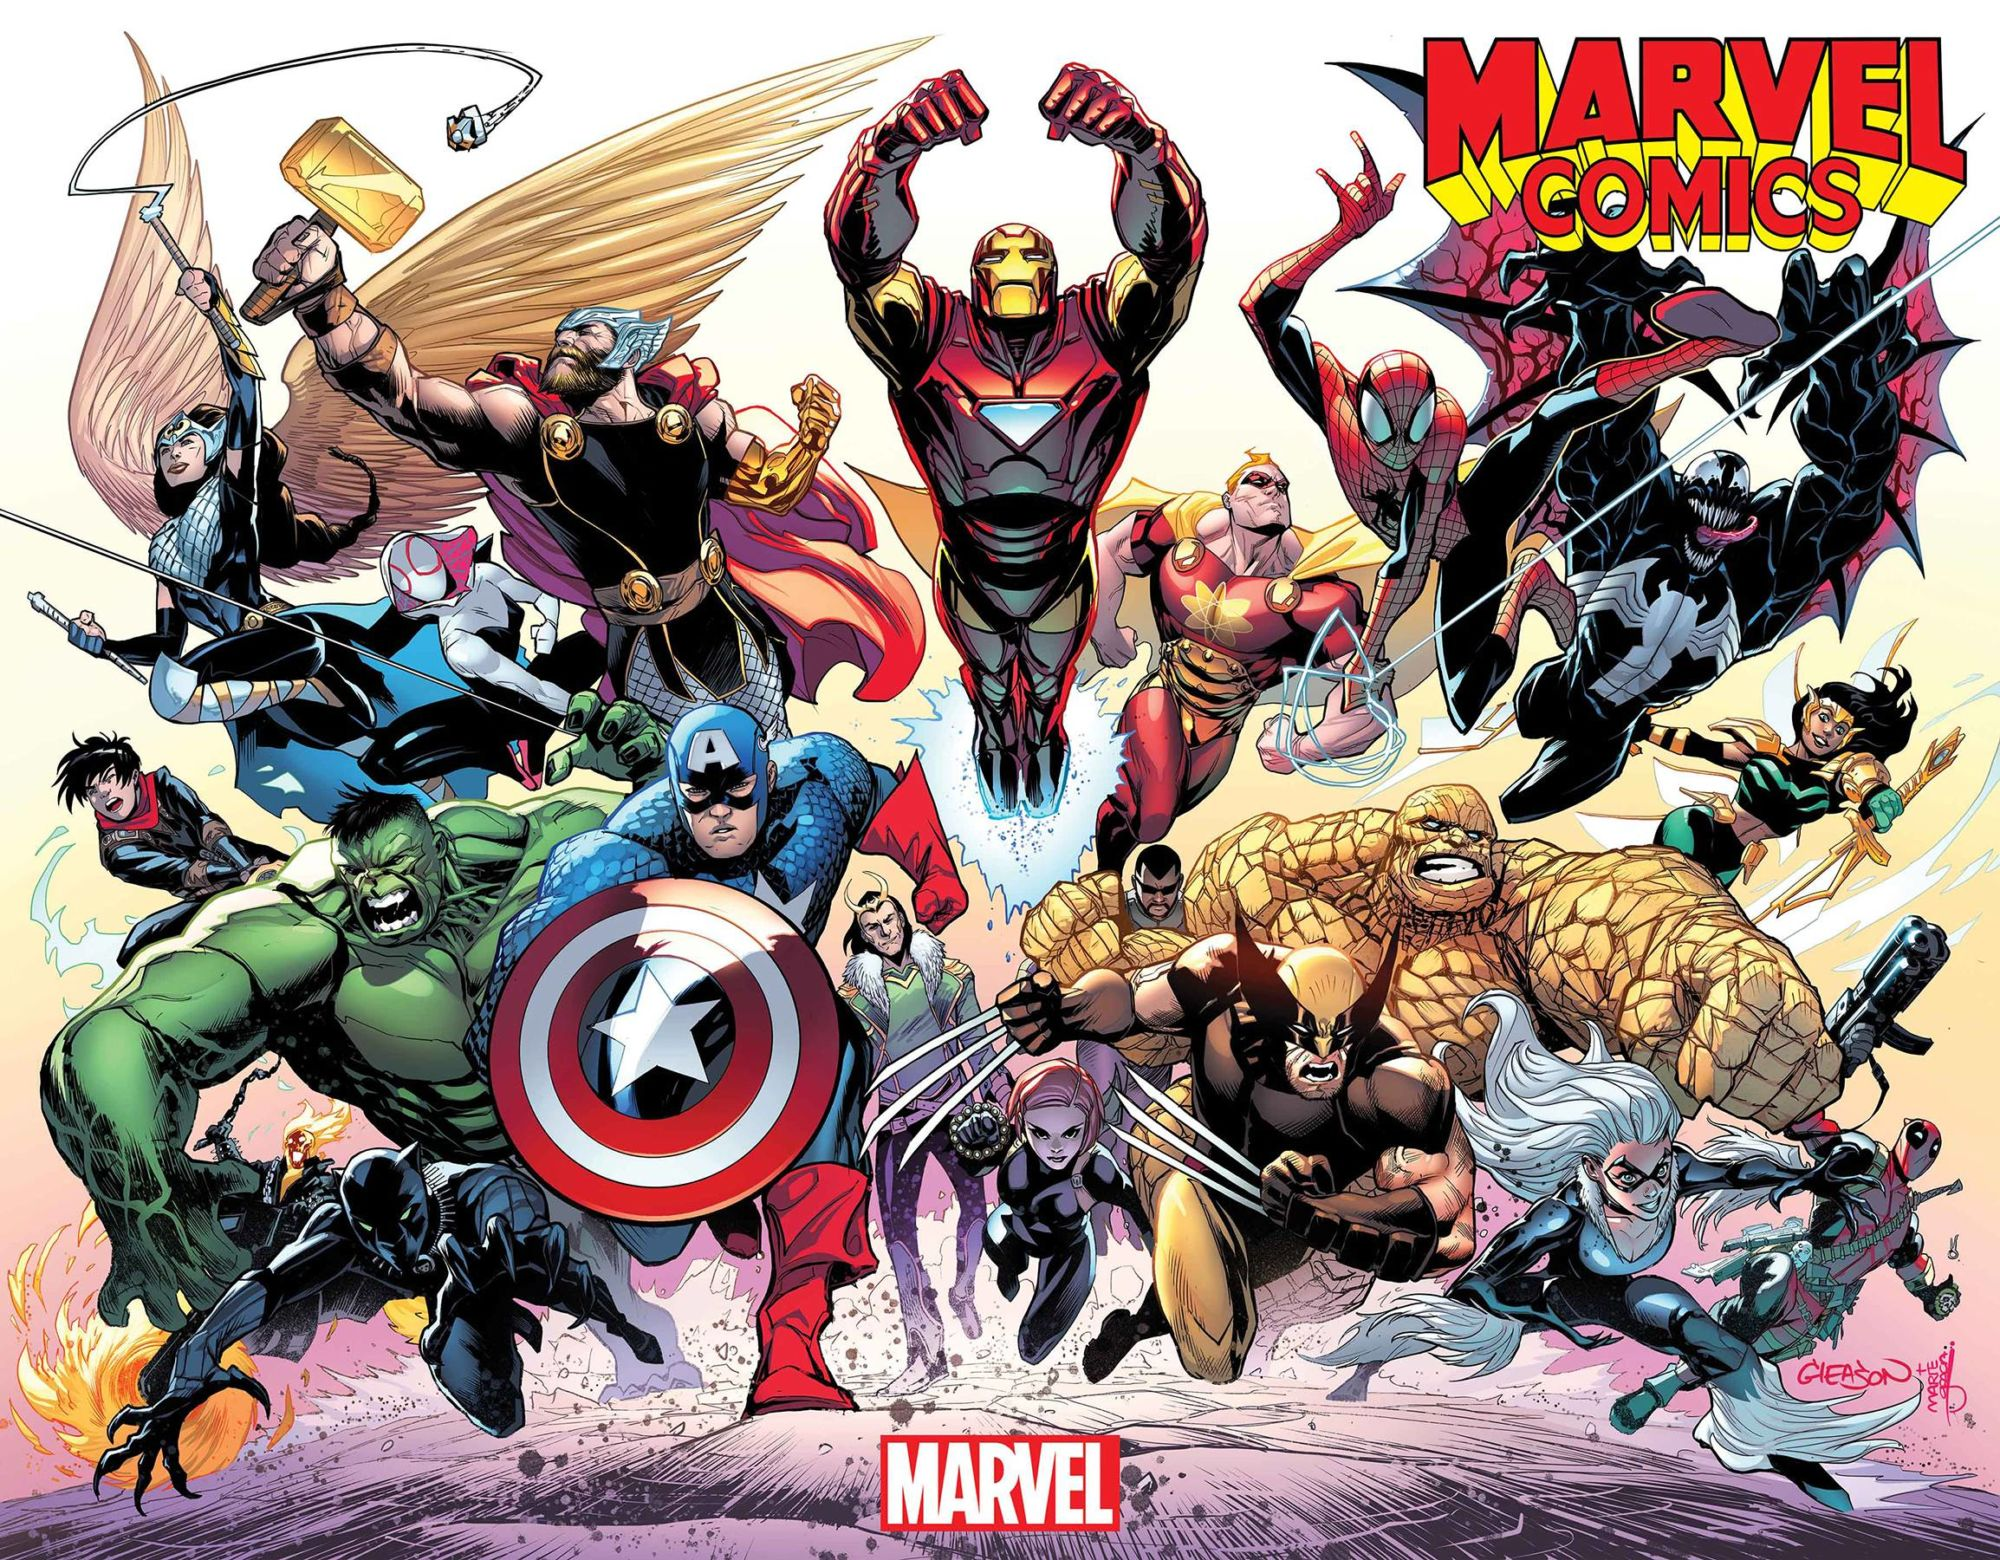 A Bigger Creator List for Marvel Comics #1001